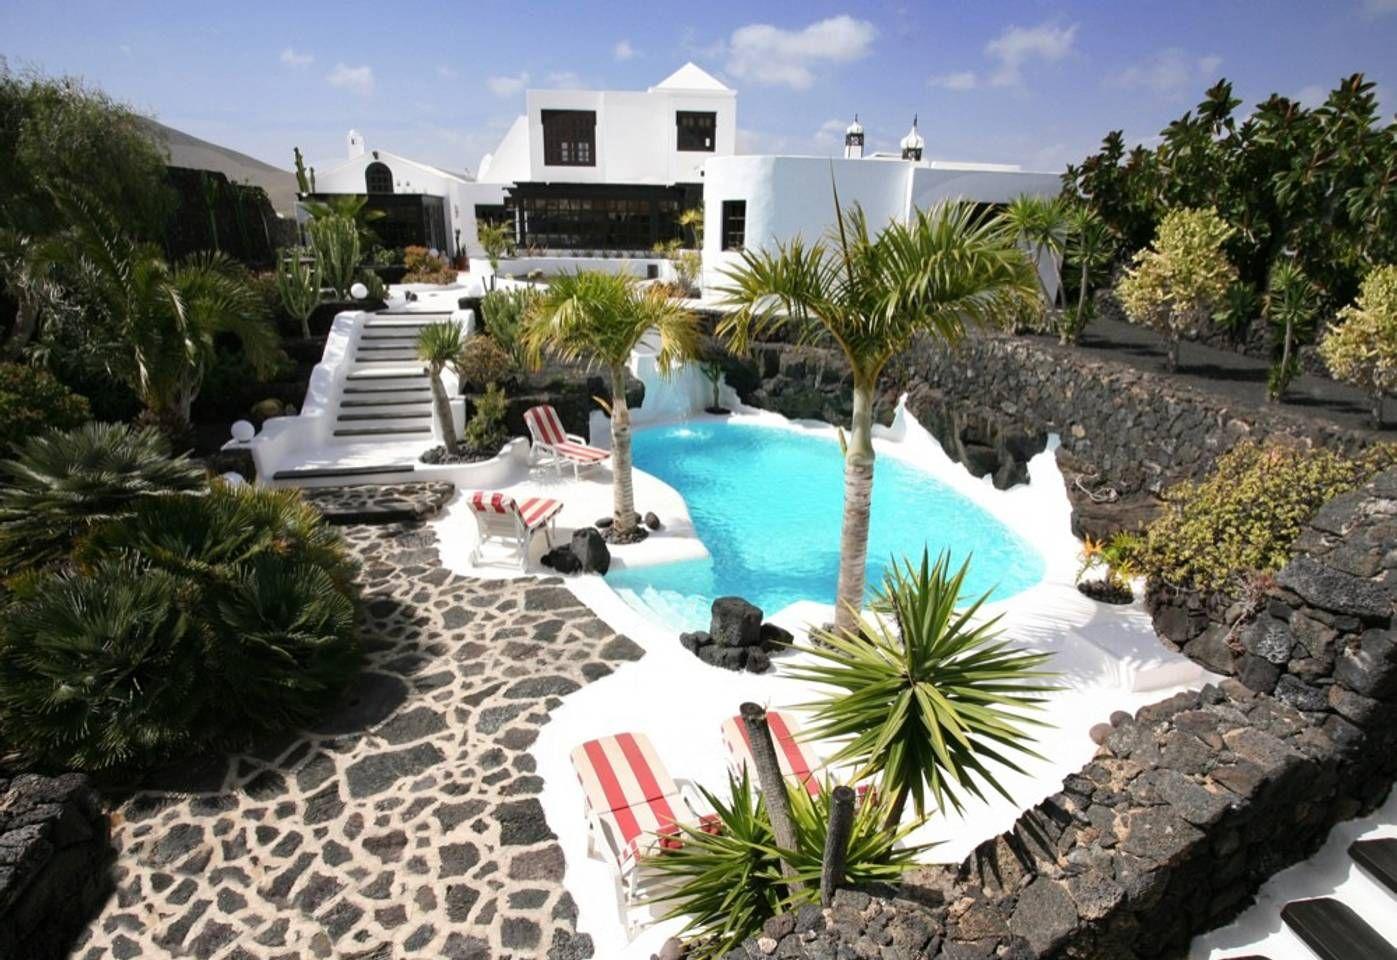 Casa Teiga view Lanzarote, Canary islands, Outdoor